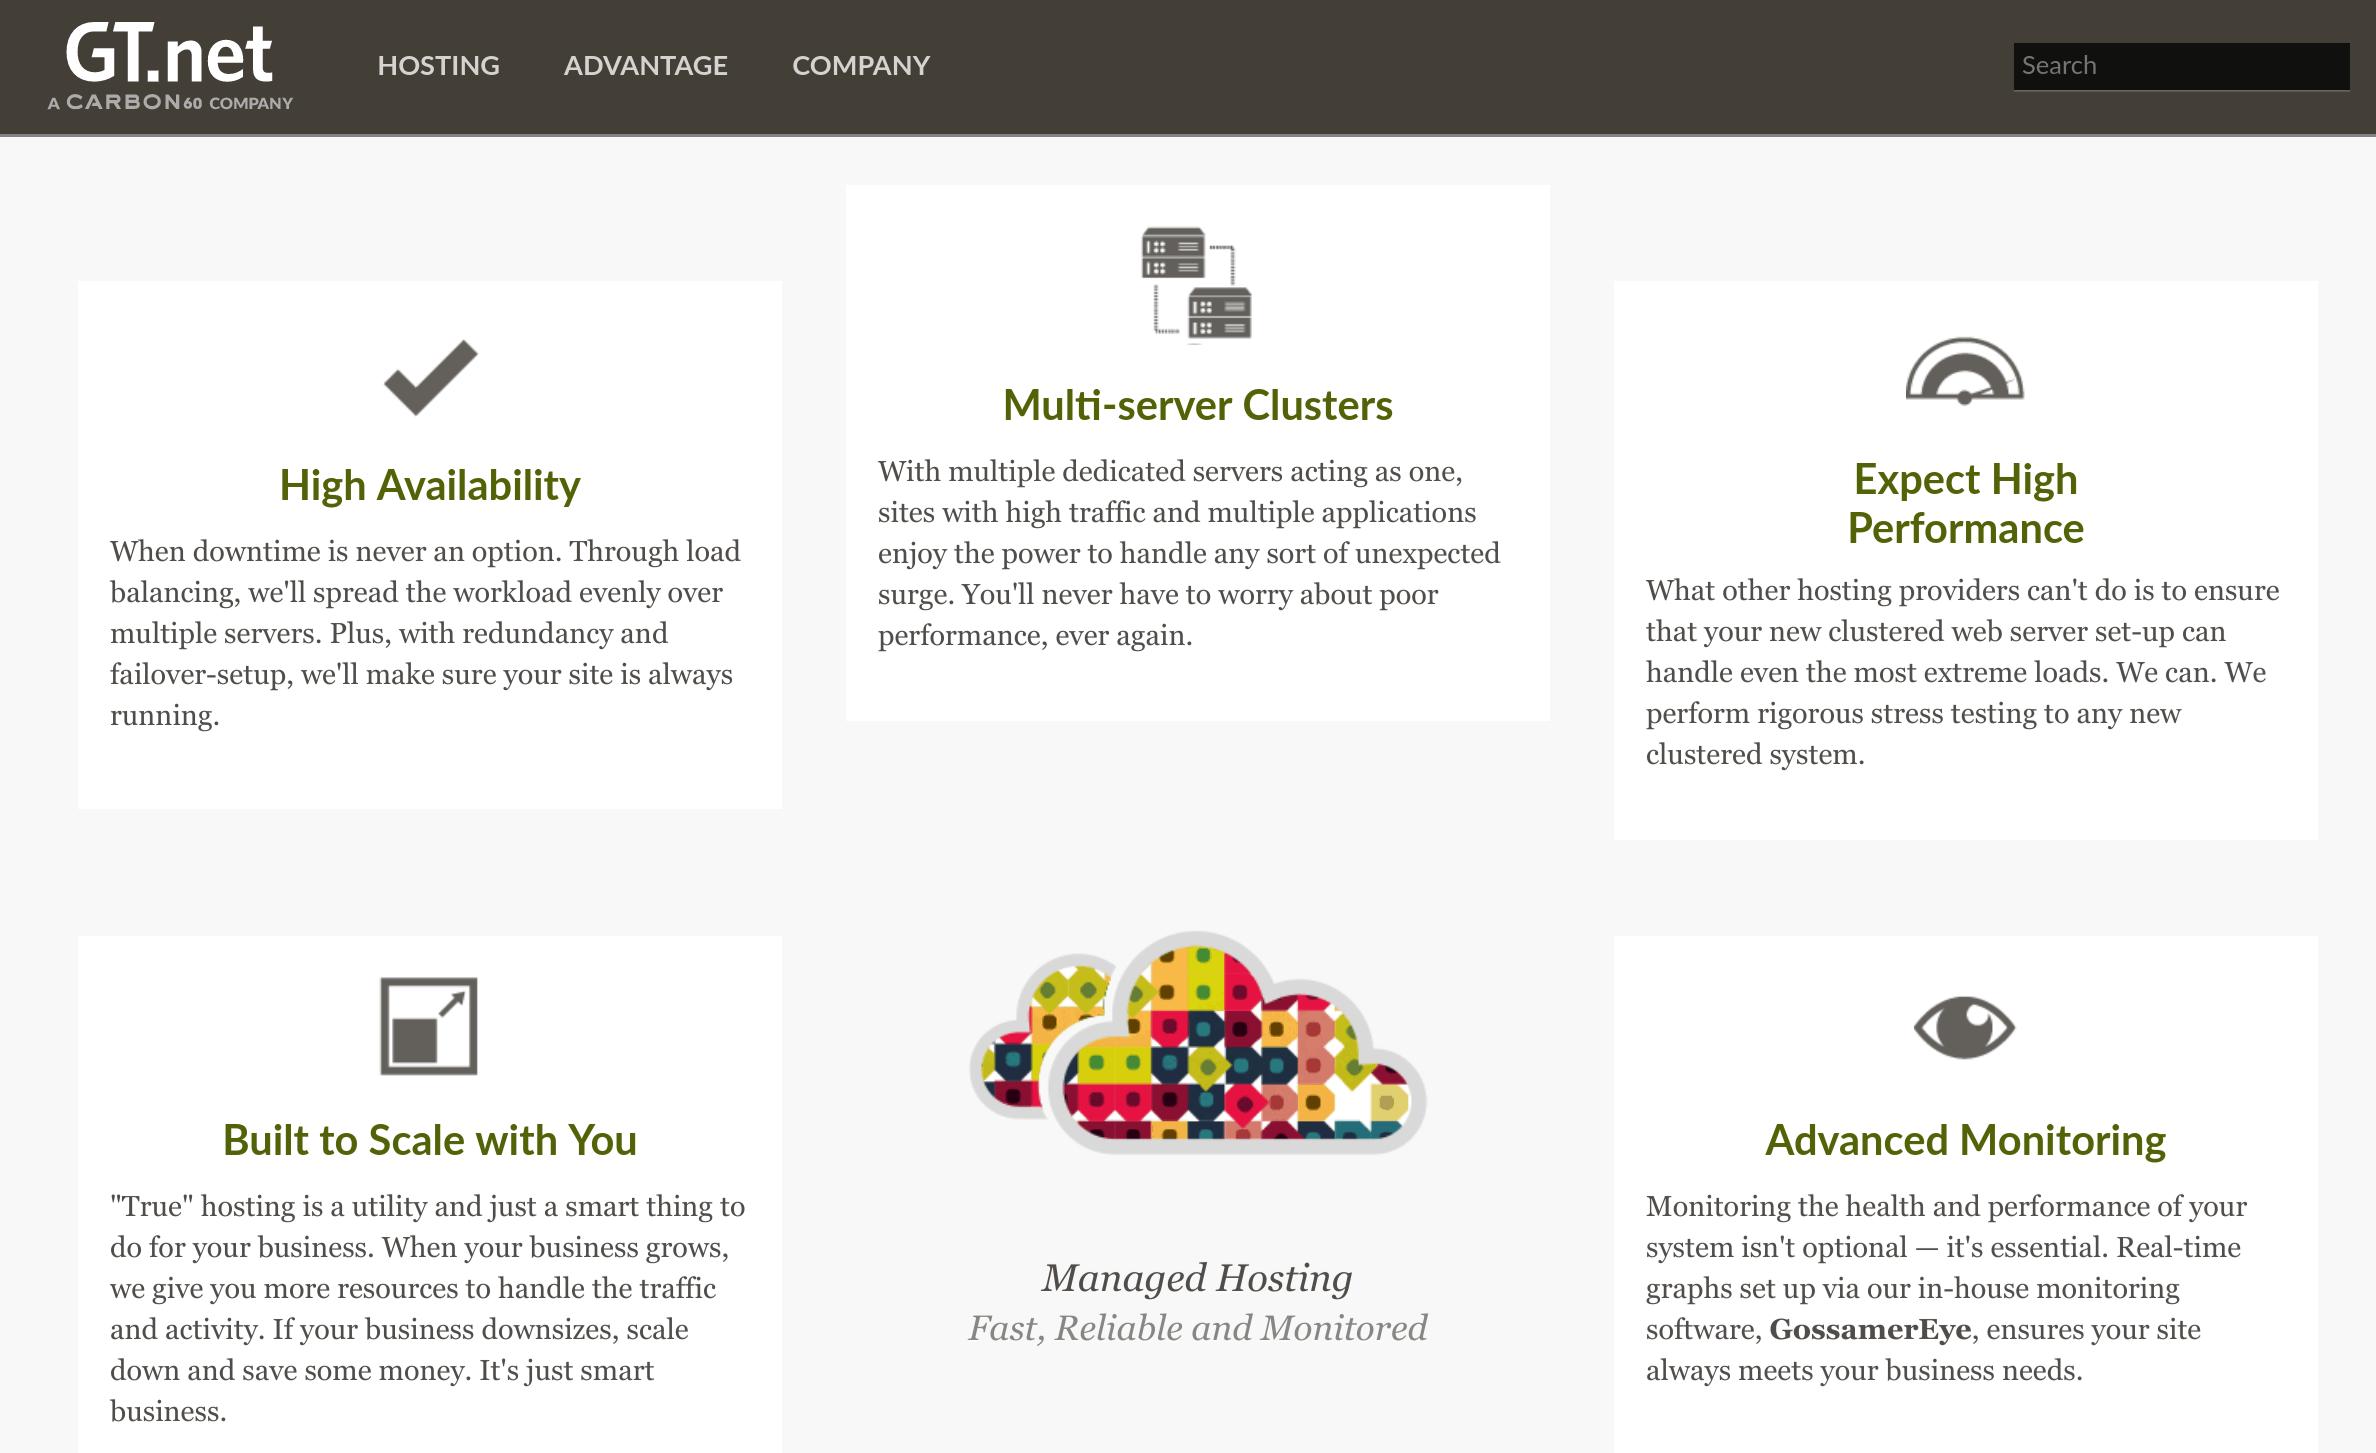 GT.net